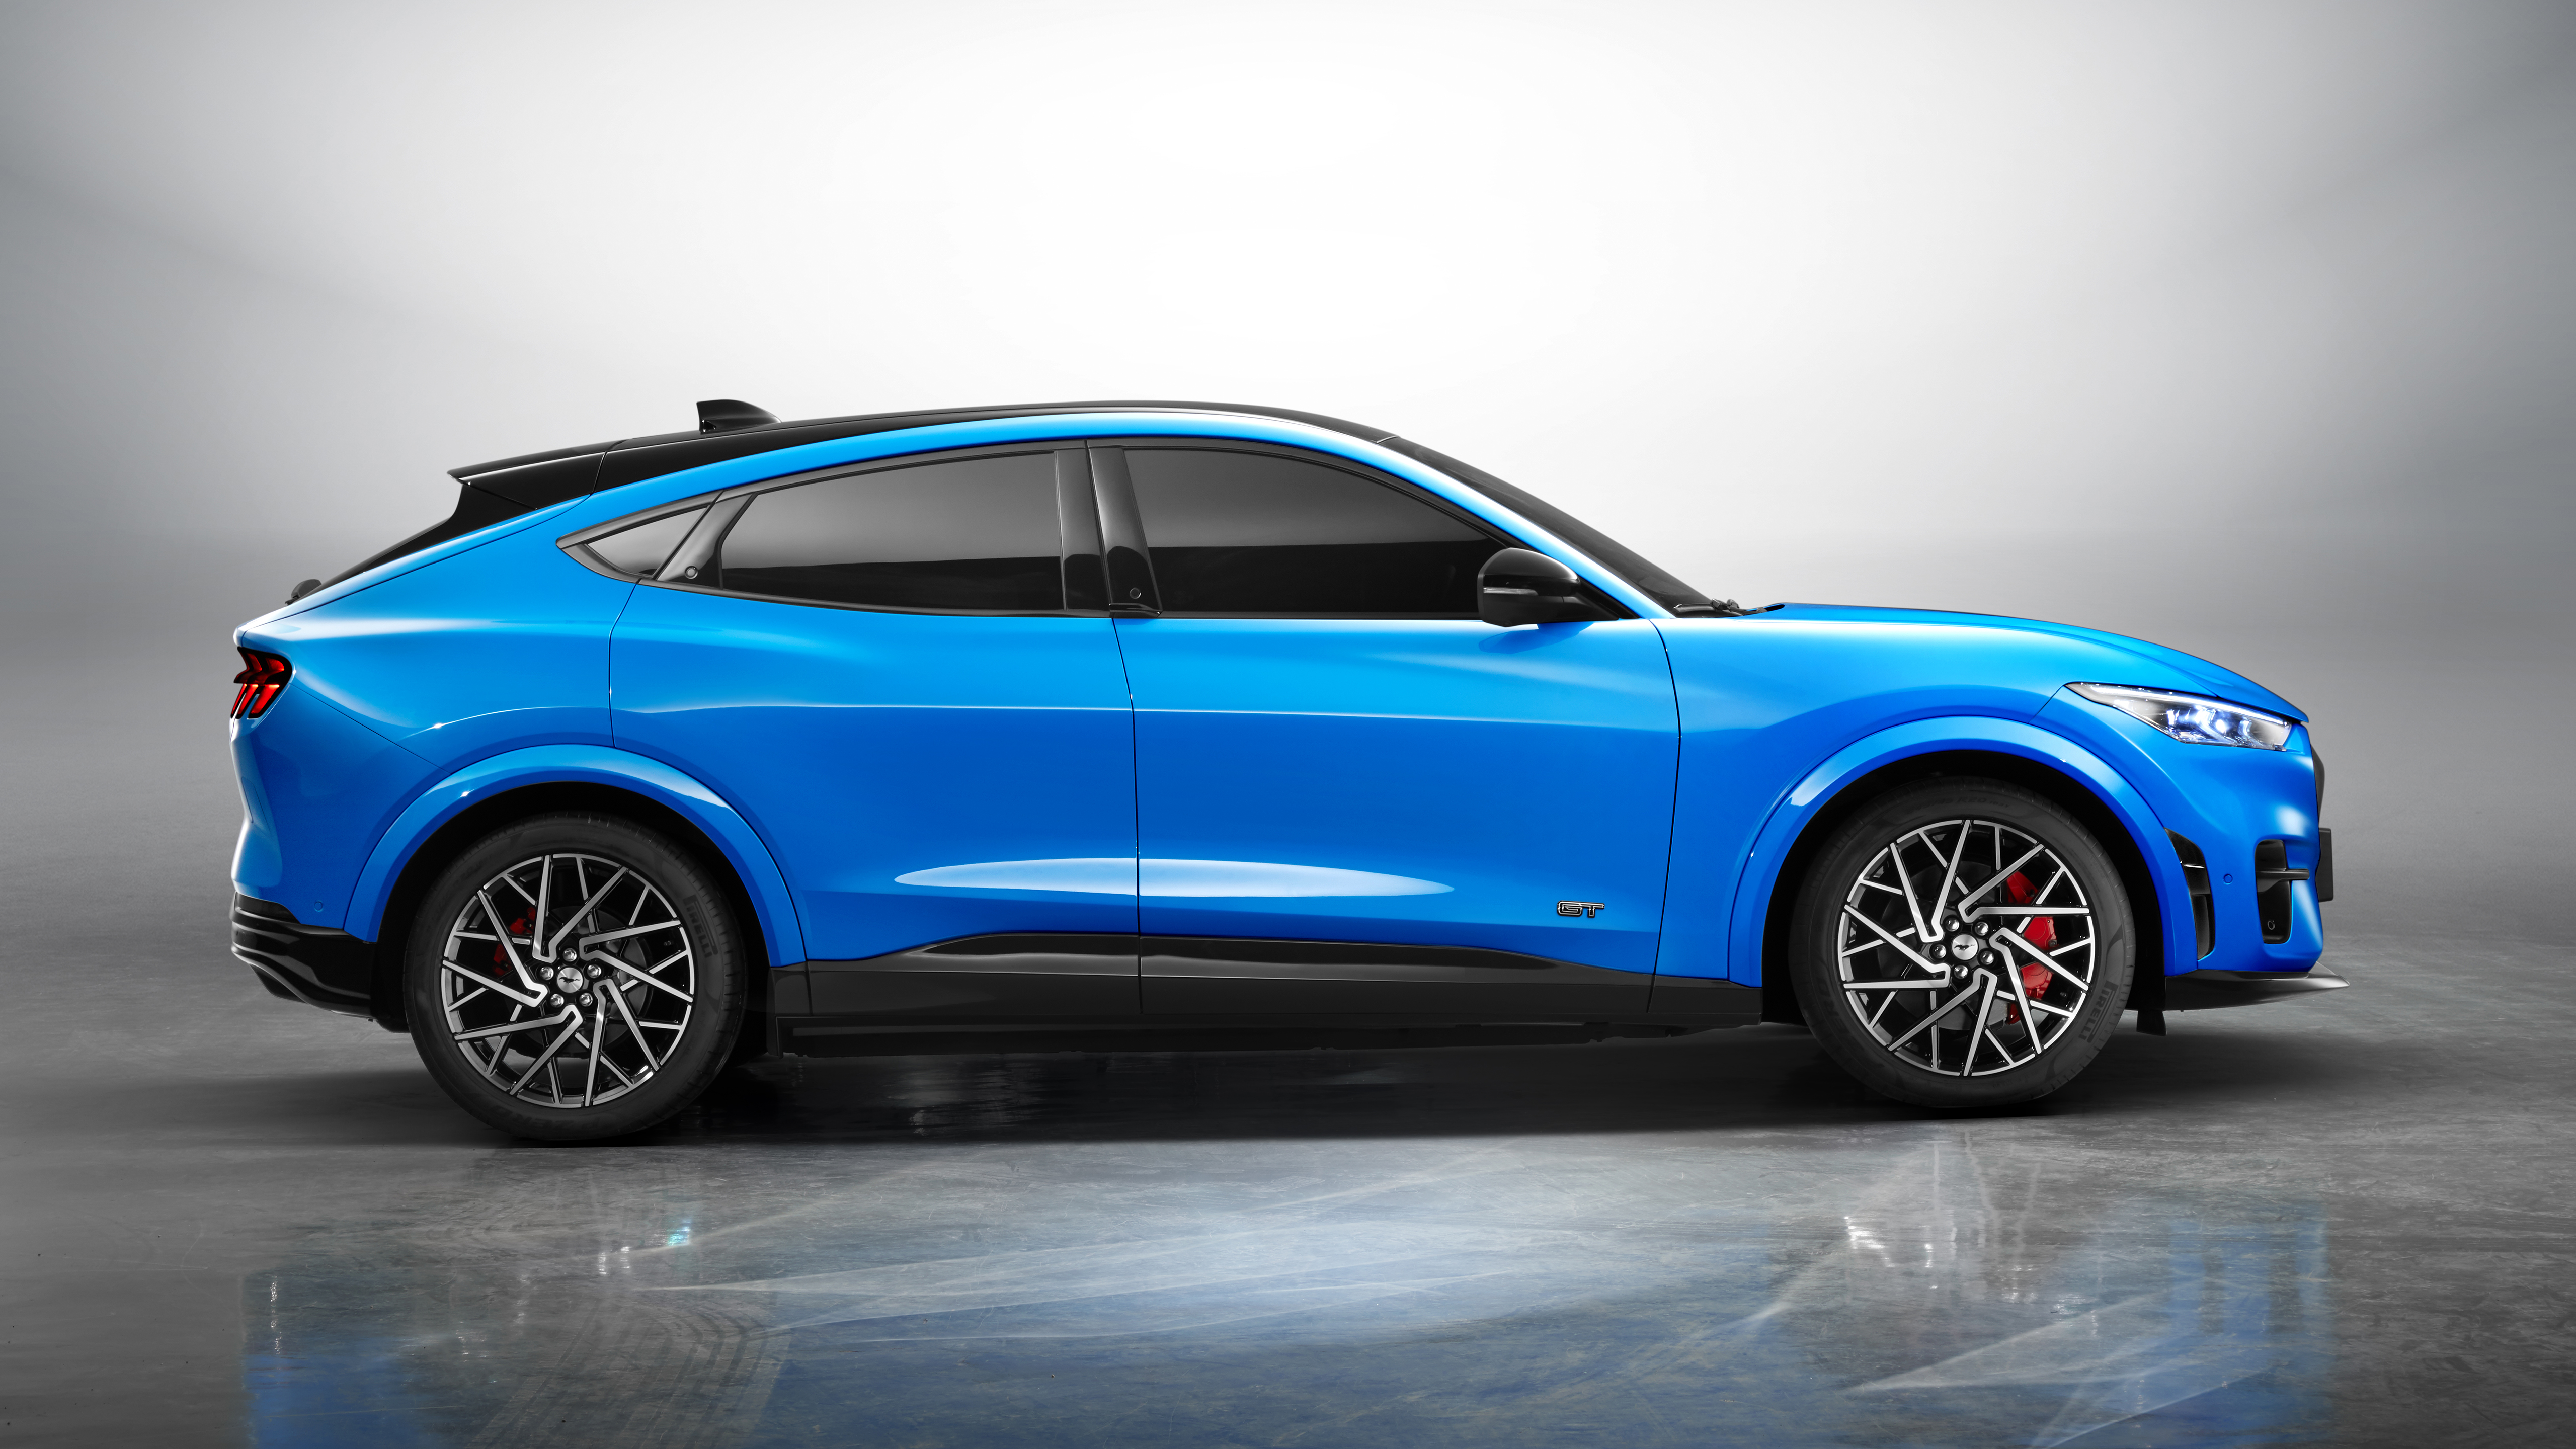 Ford Mustang Mach E Gt 2021 5k Wallpaper Hd Car Wallpapers Id 17134 2021 ford mustang mach e 5k wallpaper